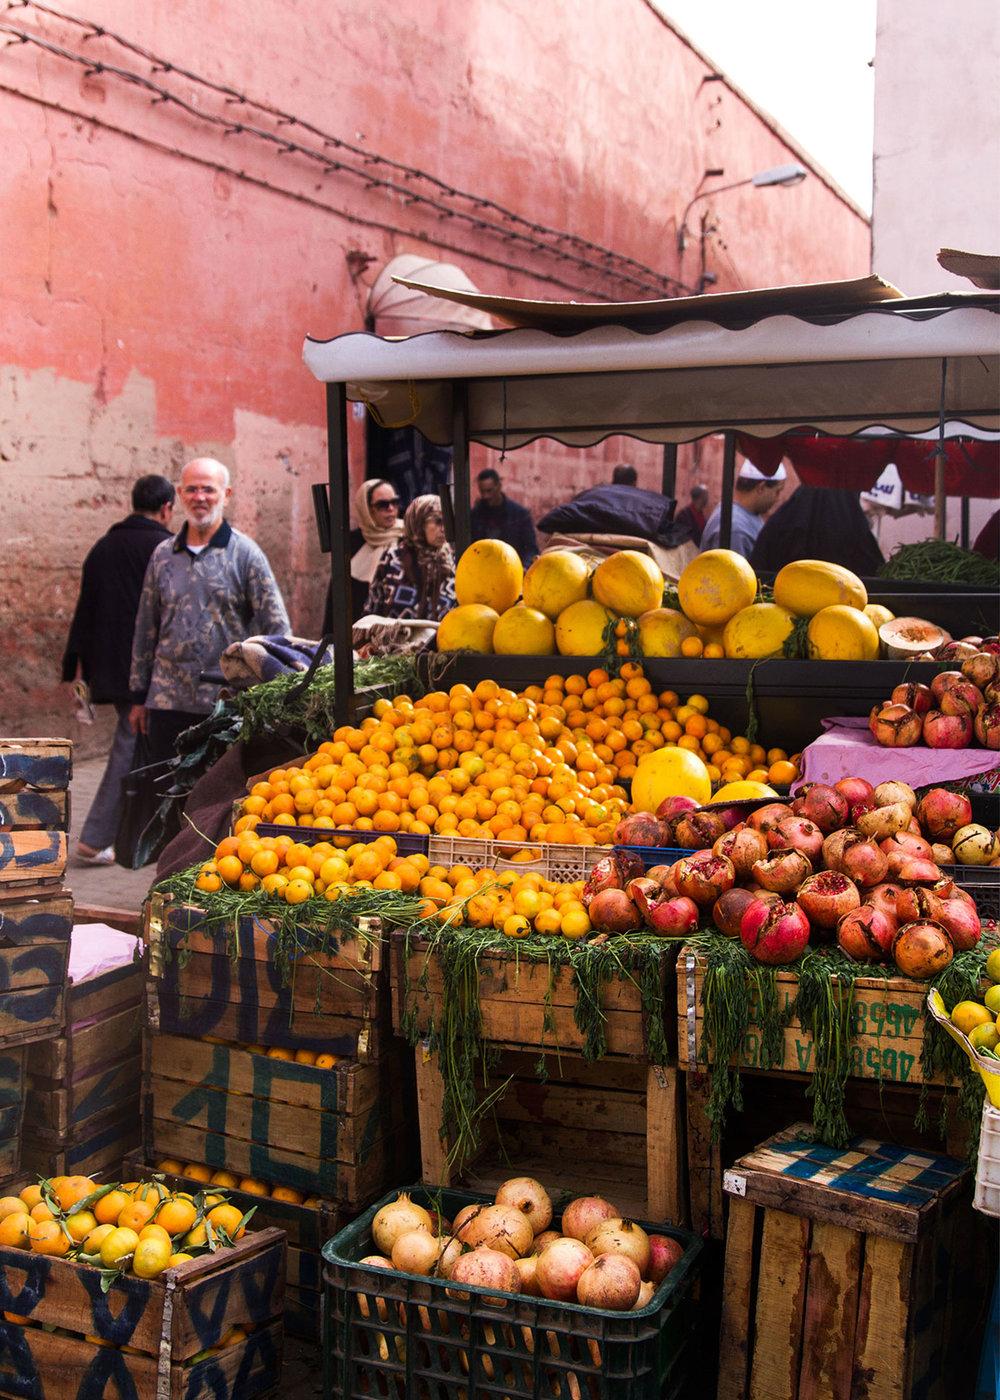 10_2_NOMNOM_Reise_Marrakech.jpg